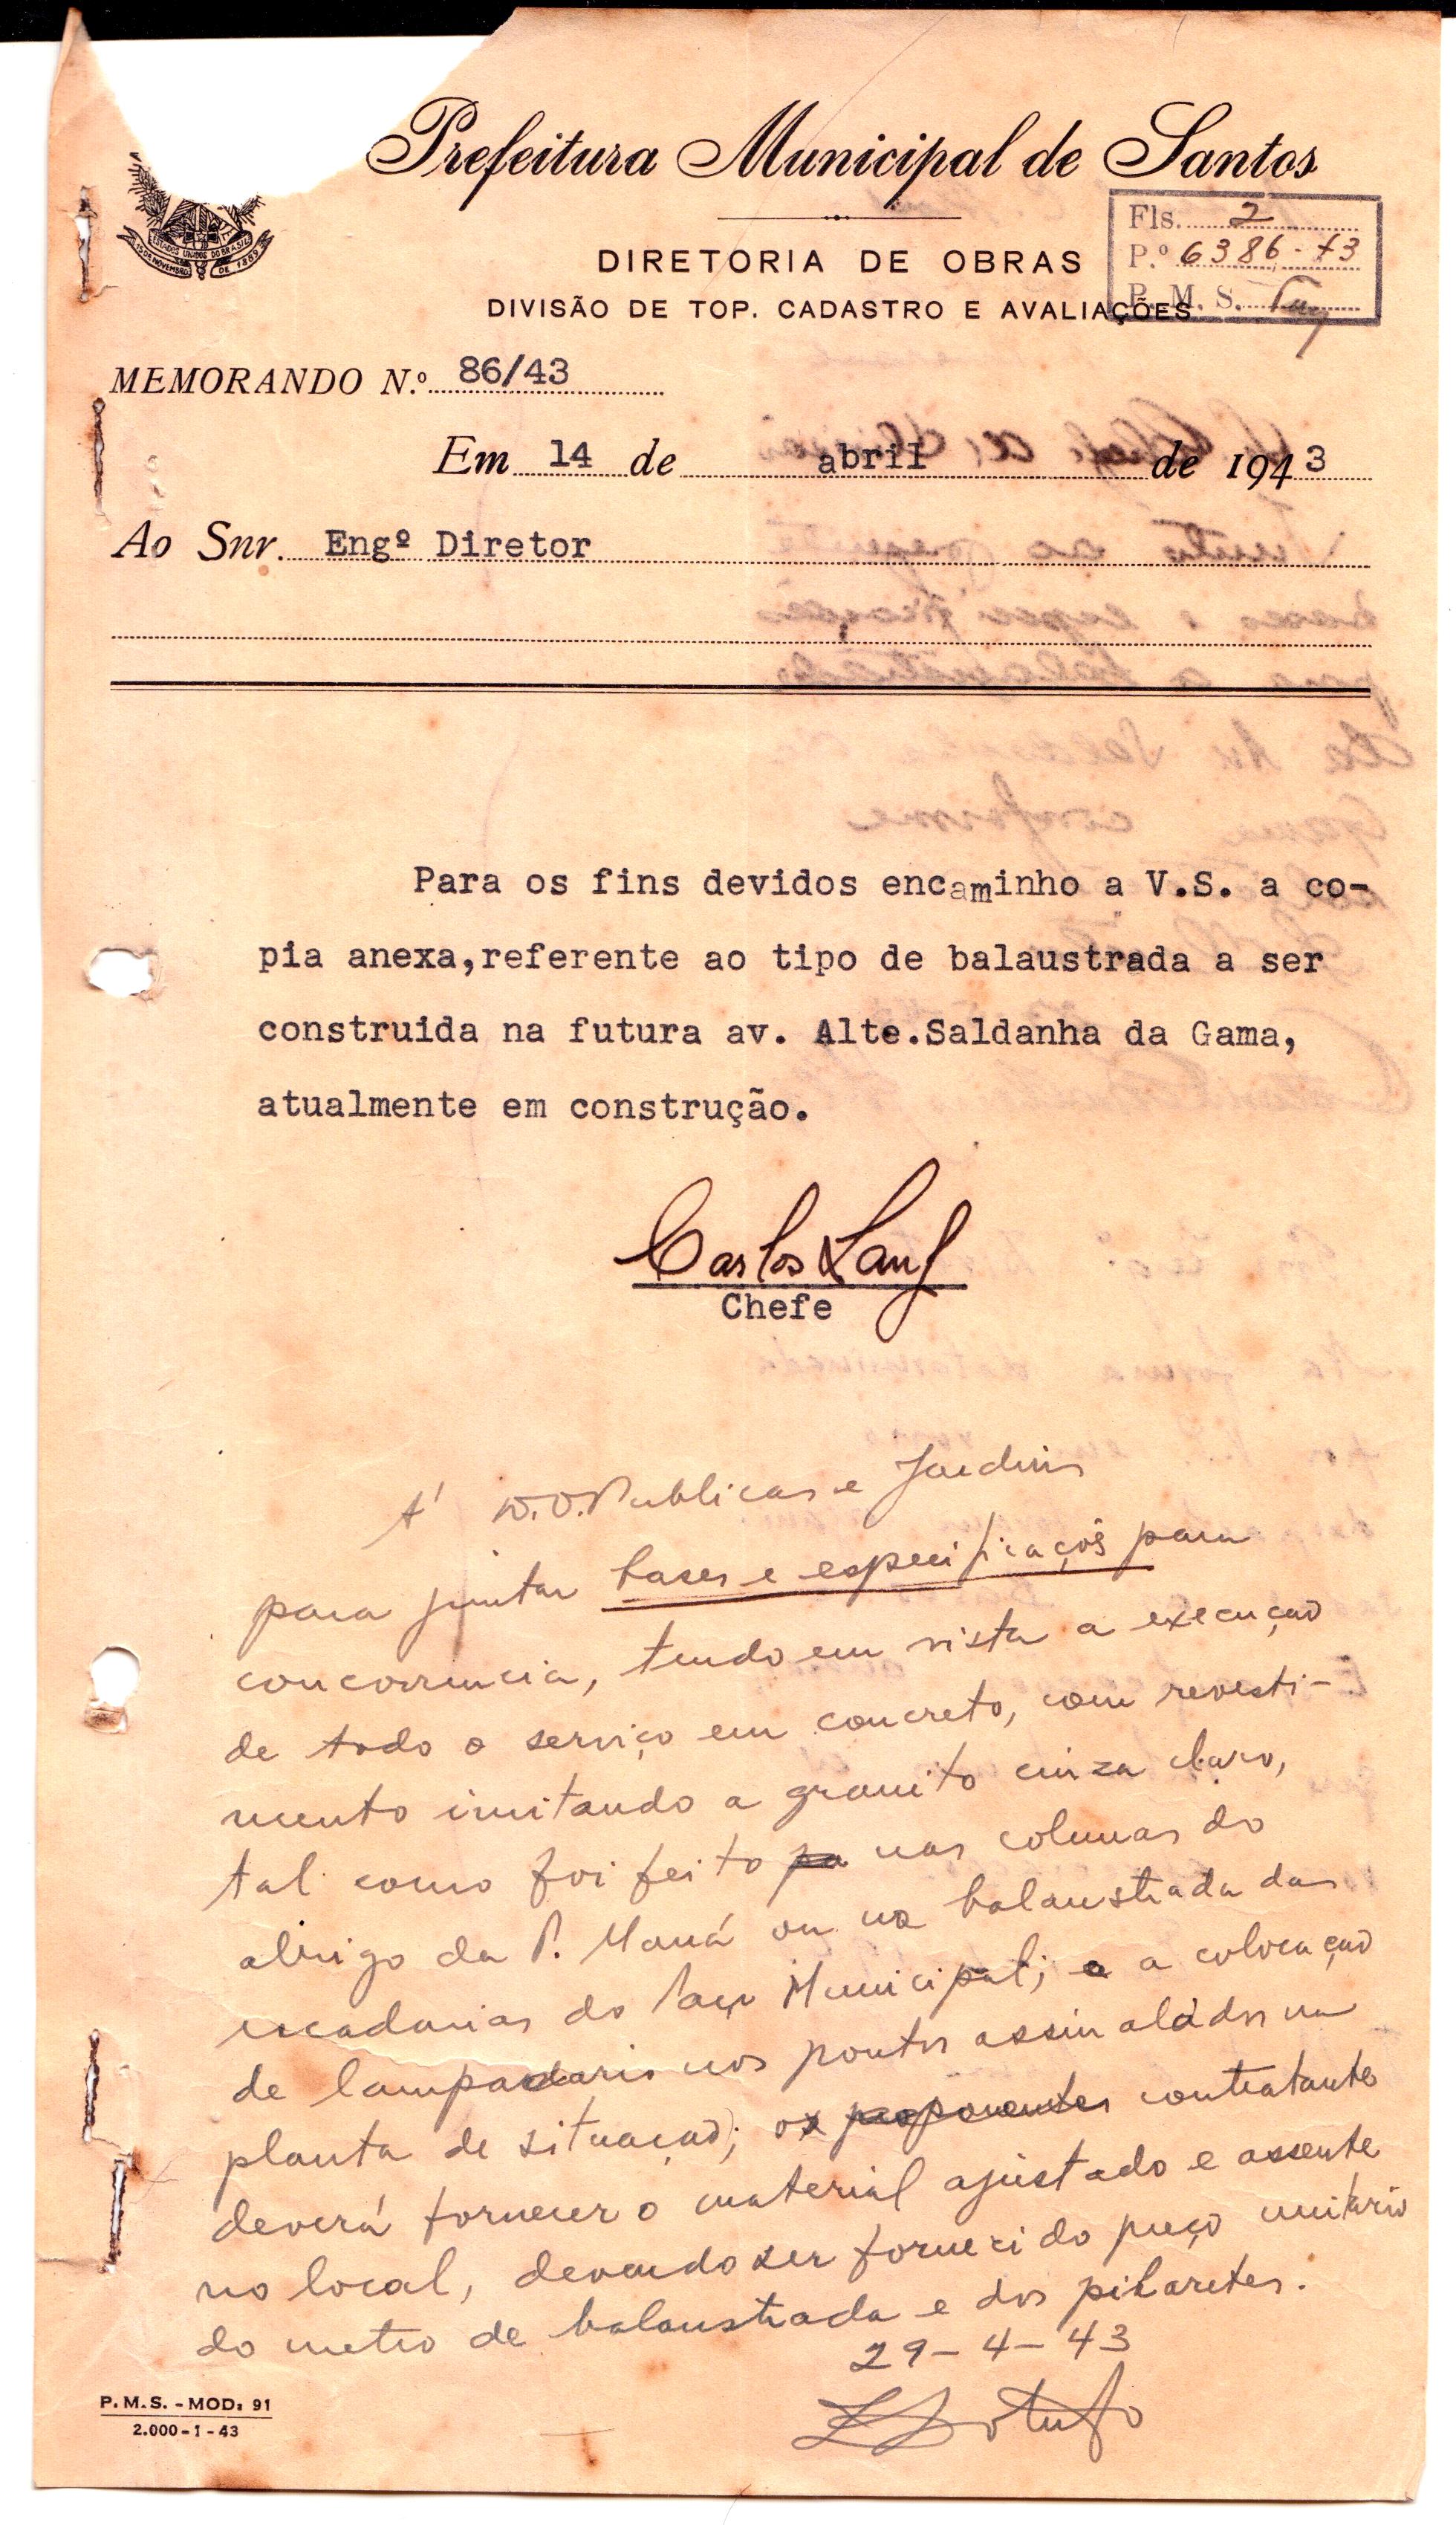 Documentação, assinada por Carlos Lang, solicitando abertura de processo para a construção da balaustrada.